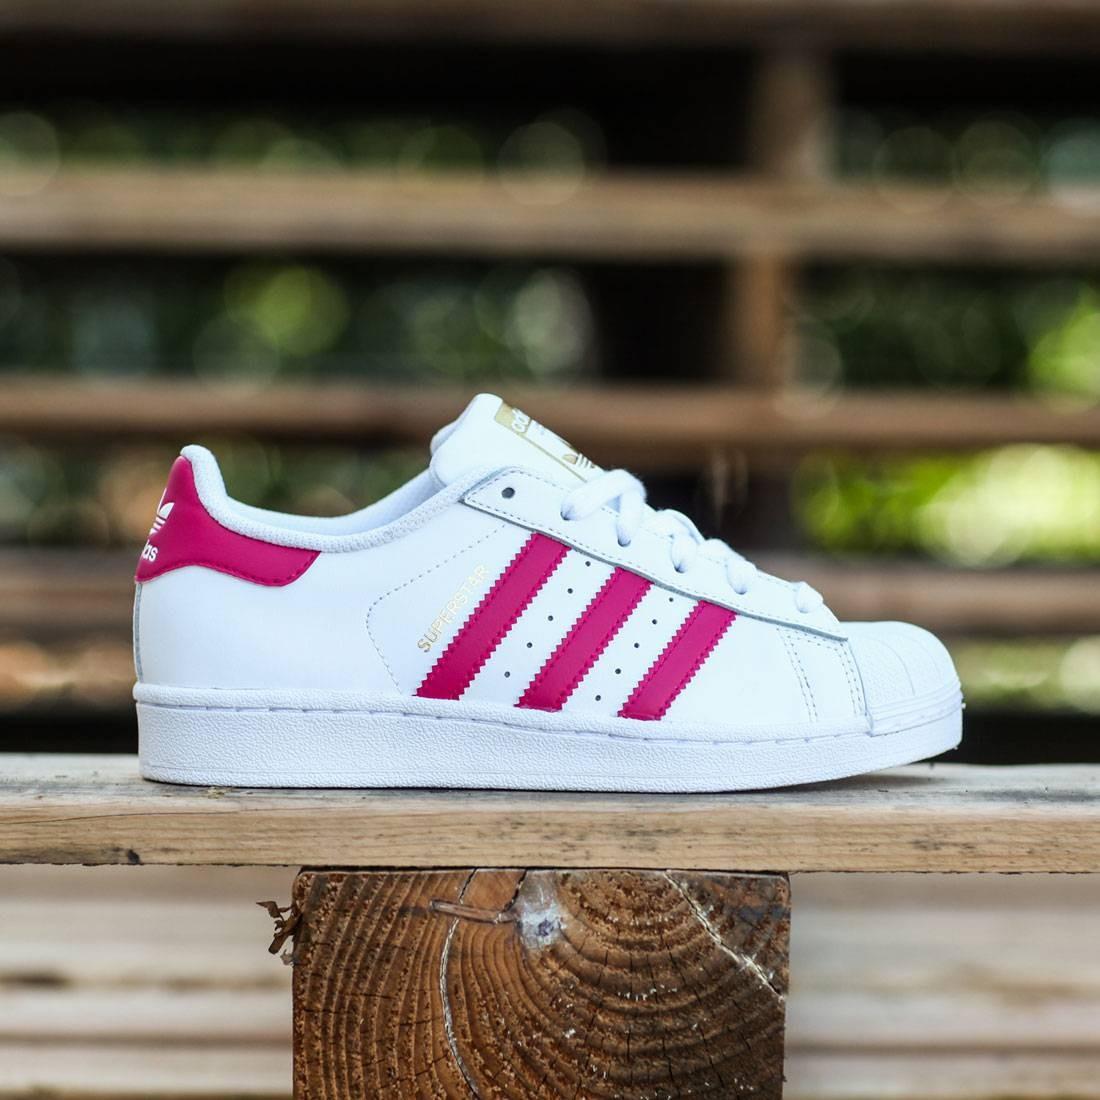 Top Deals Womens Adidas Superstar PinkWhite Metallic Gold AC7077